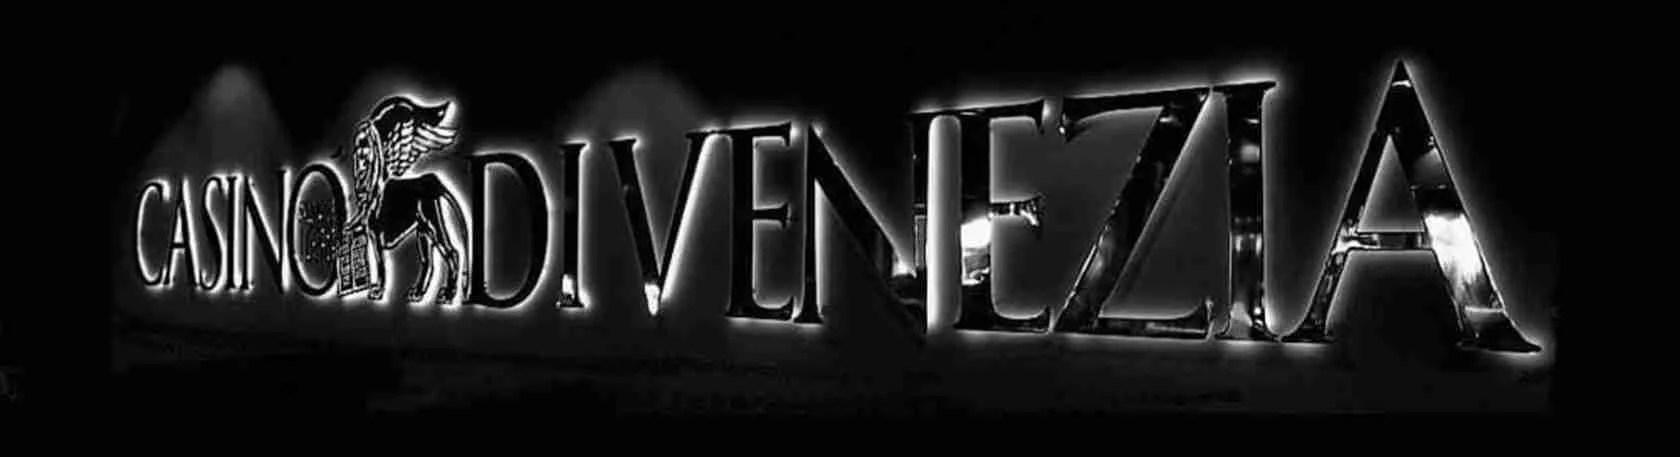 Una serata al Casinò Municipale di Venezia con la presenza di una escort di alto livello di Venezia.